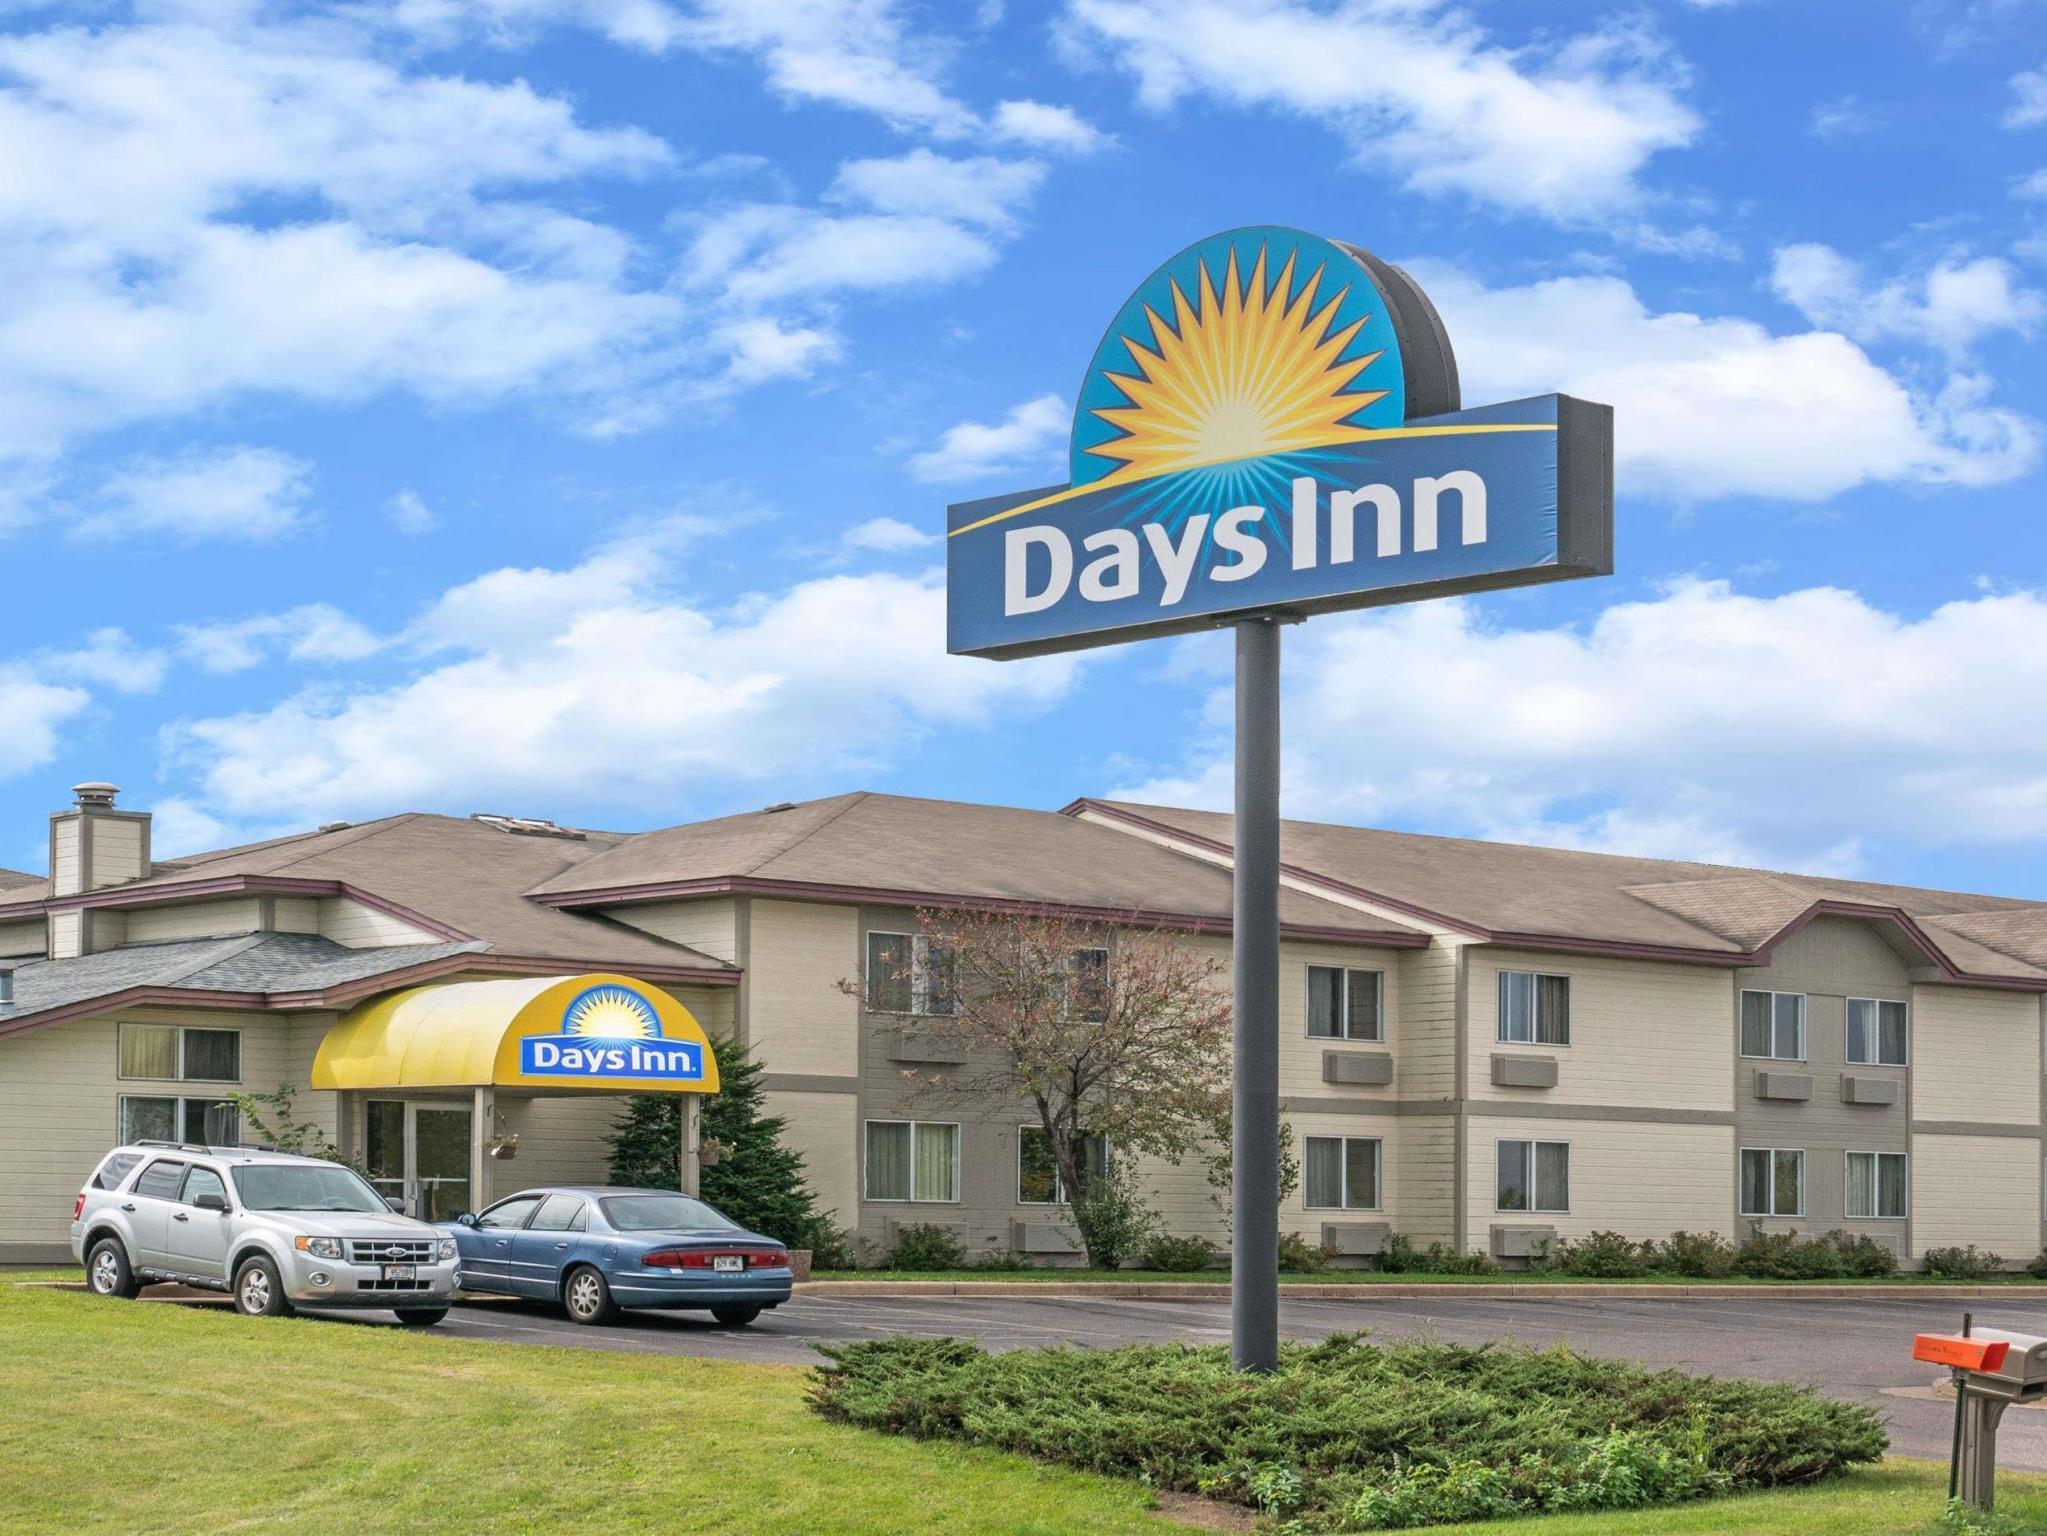 Days Inn By Wyndham West Eau Claire